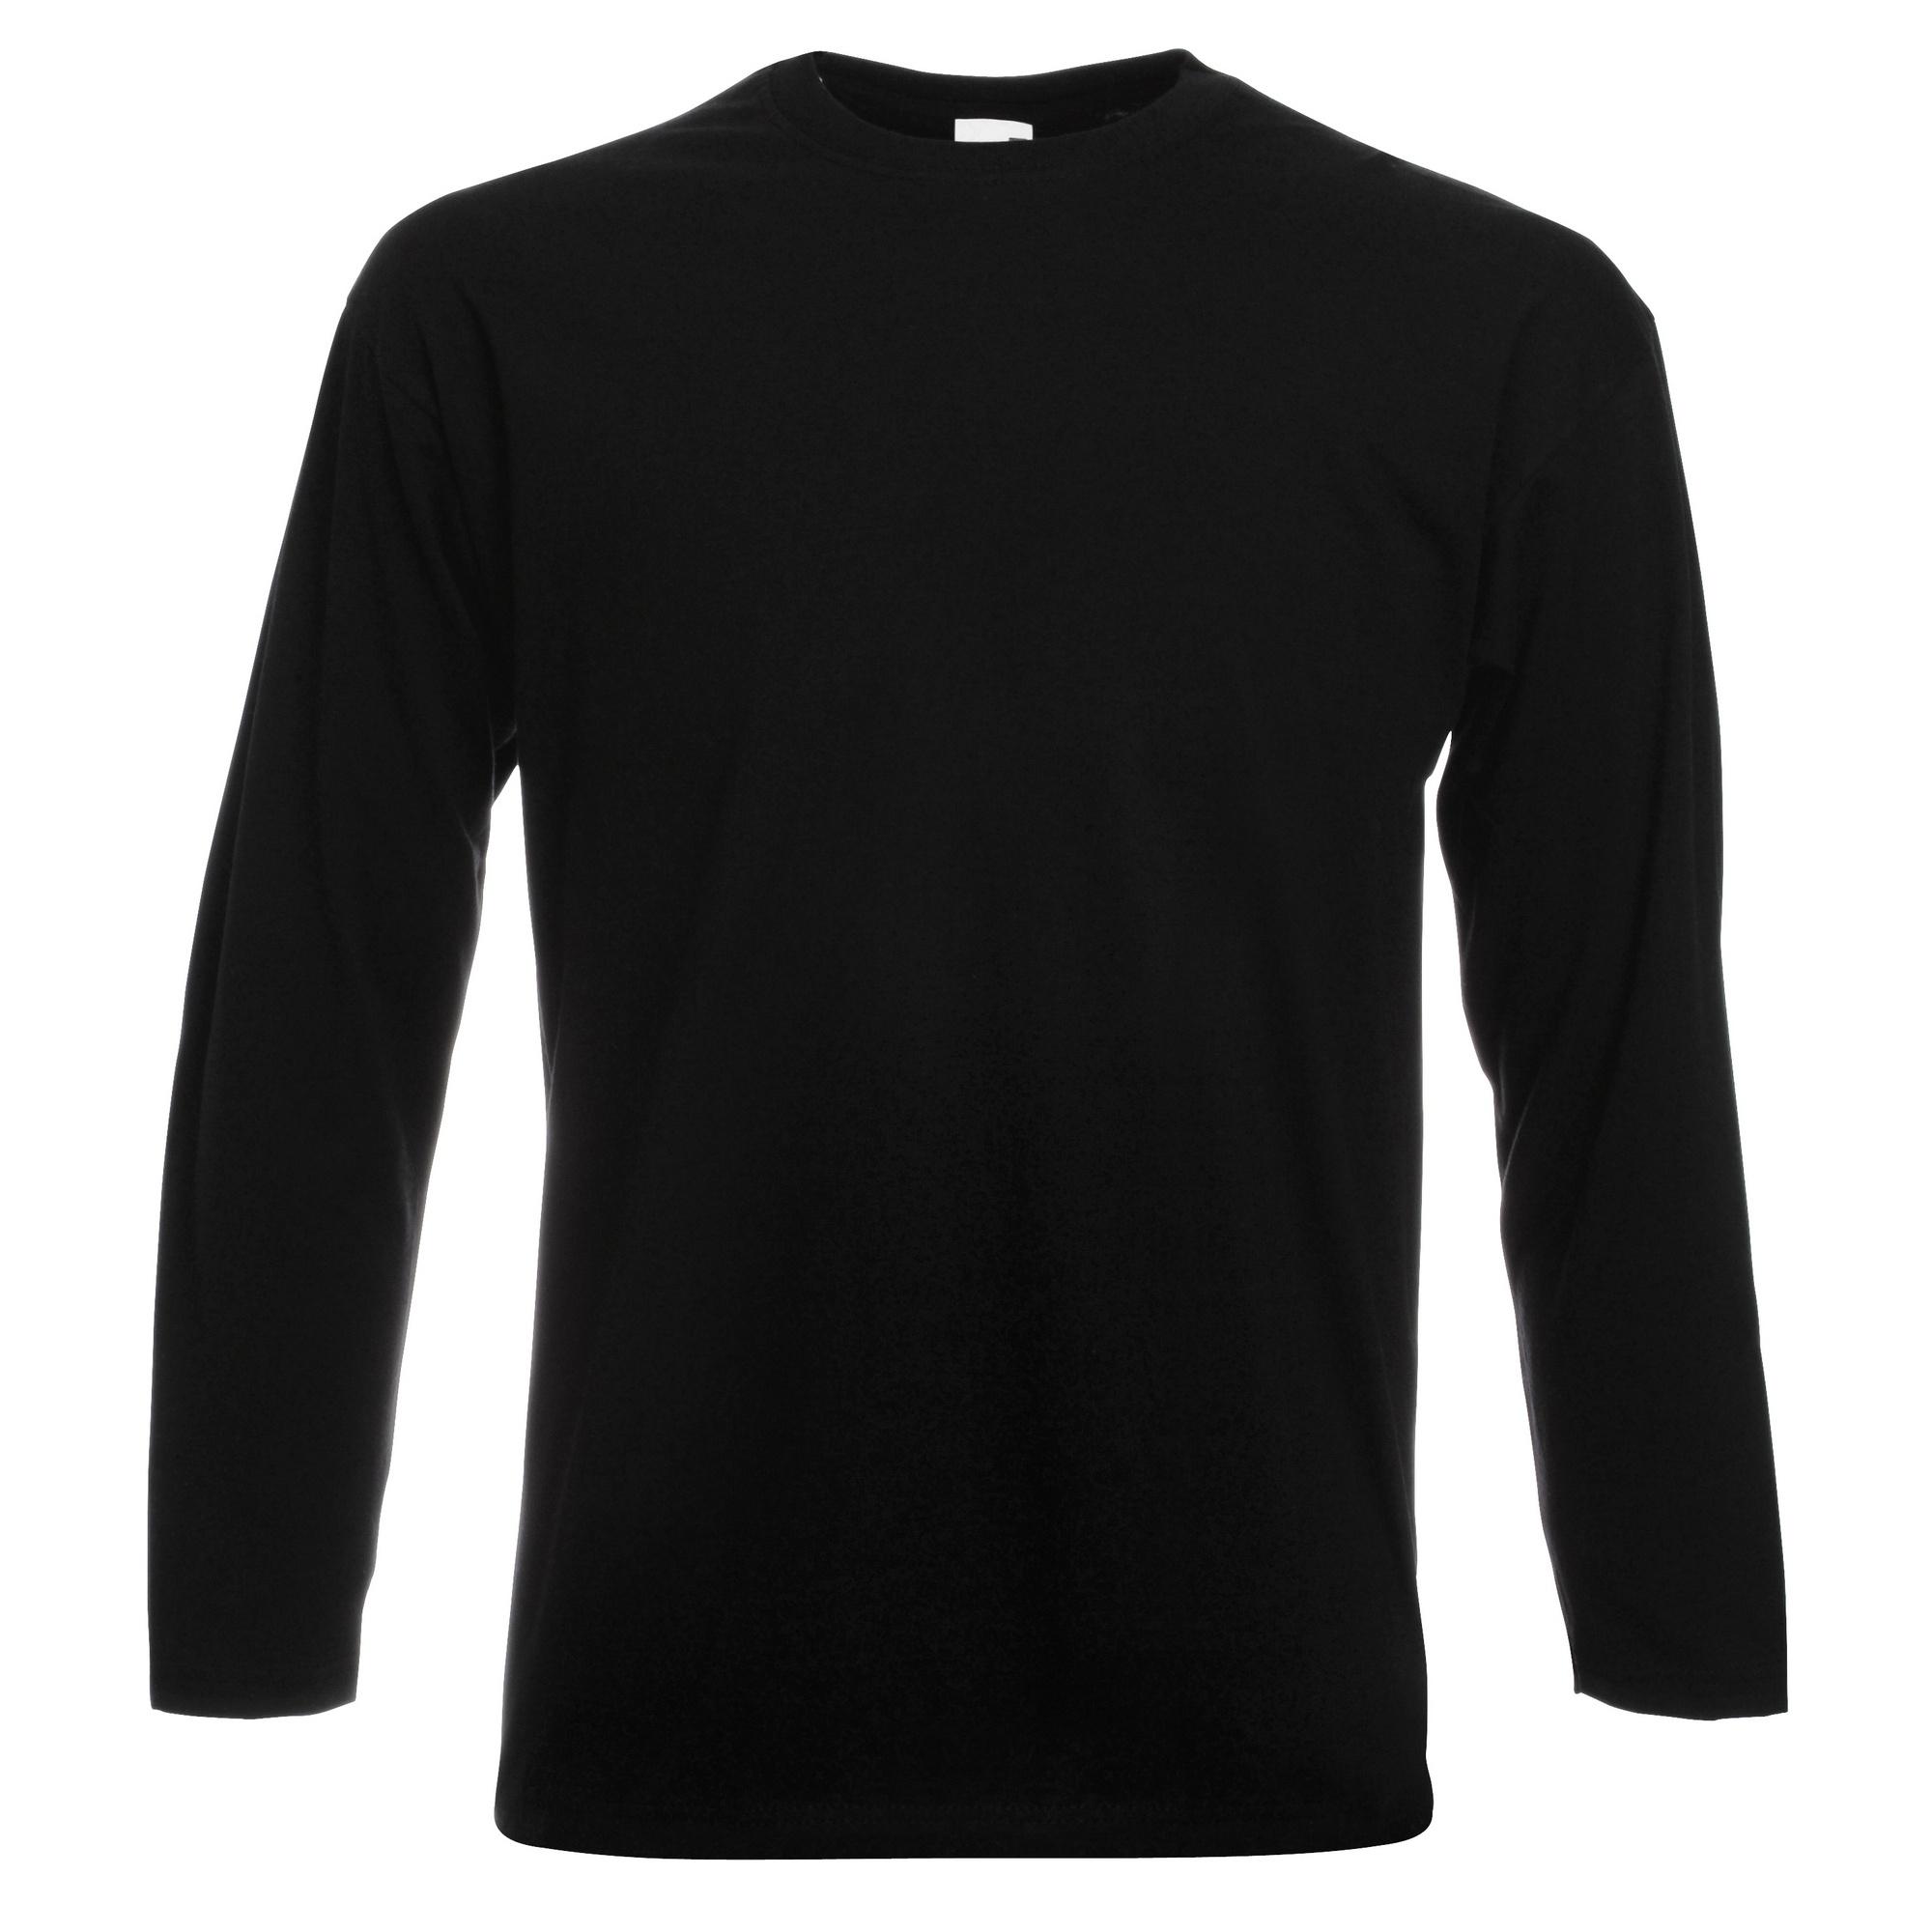 miniature 17 - T-shirt à manches longues Fruit Of The Loom, 100% coton, pour homme (BC331)